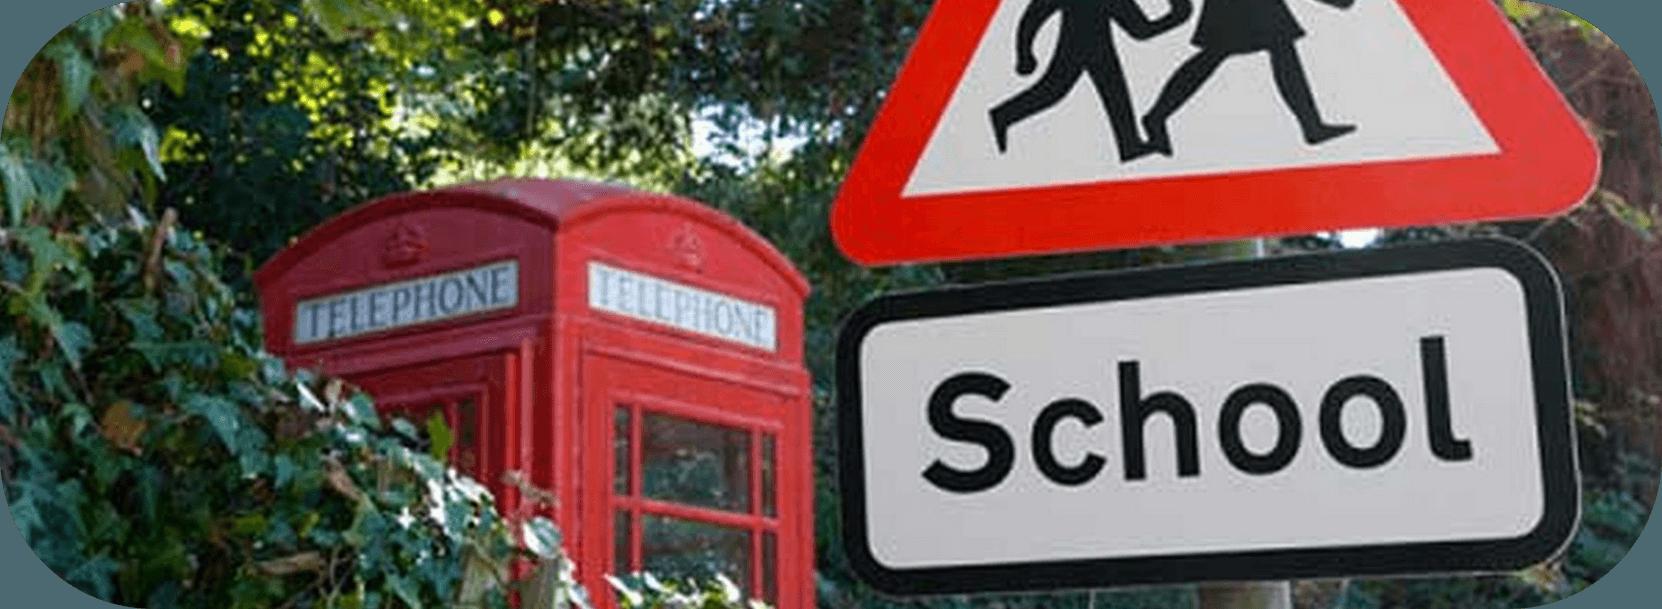 School Crossing Kent